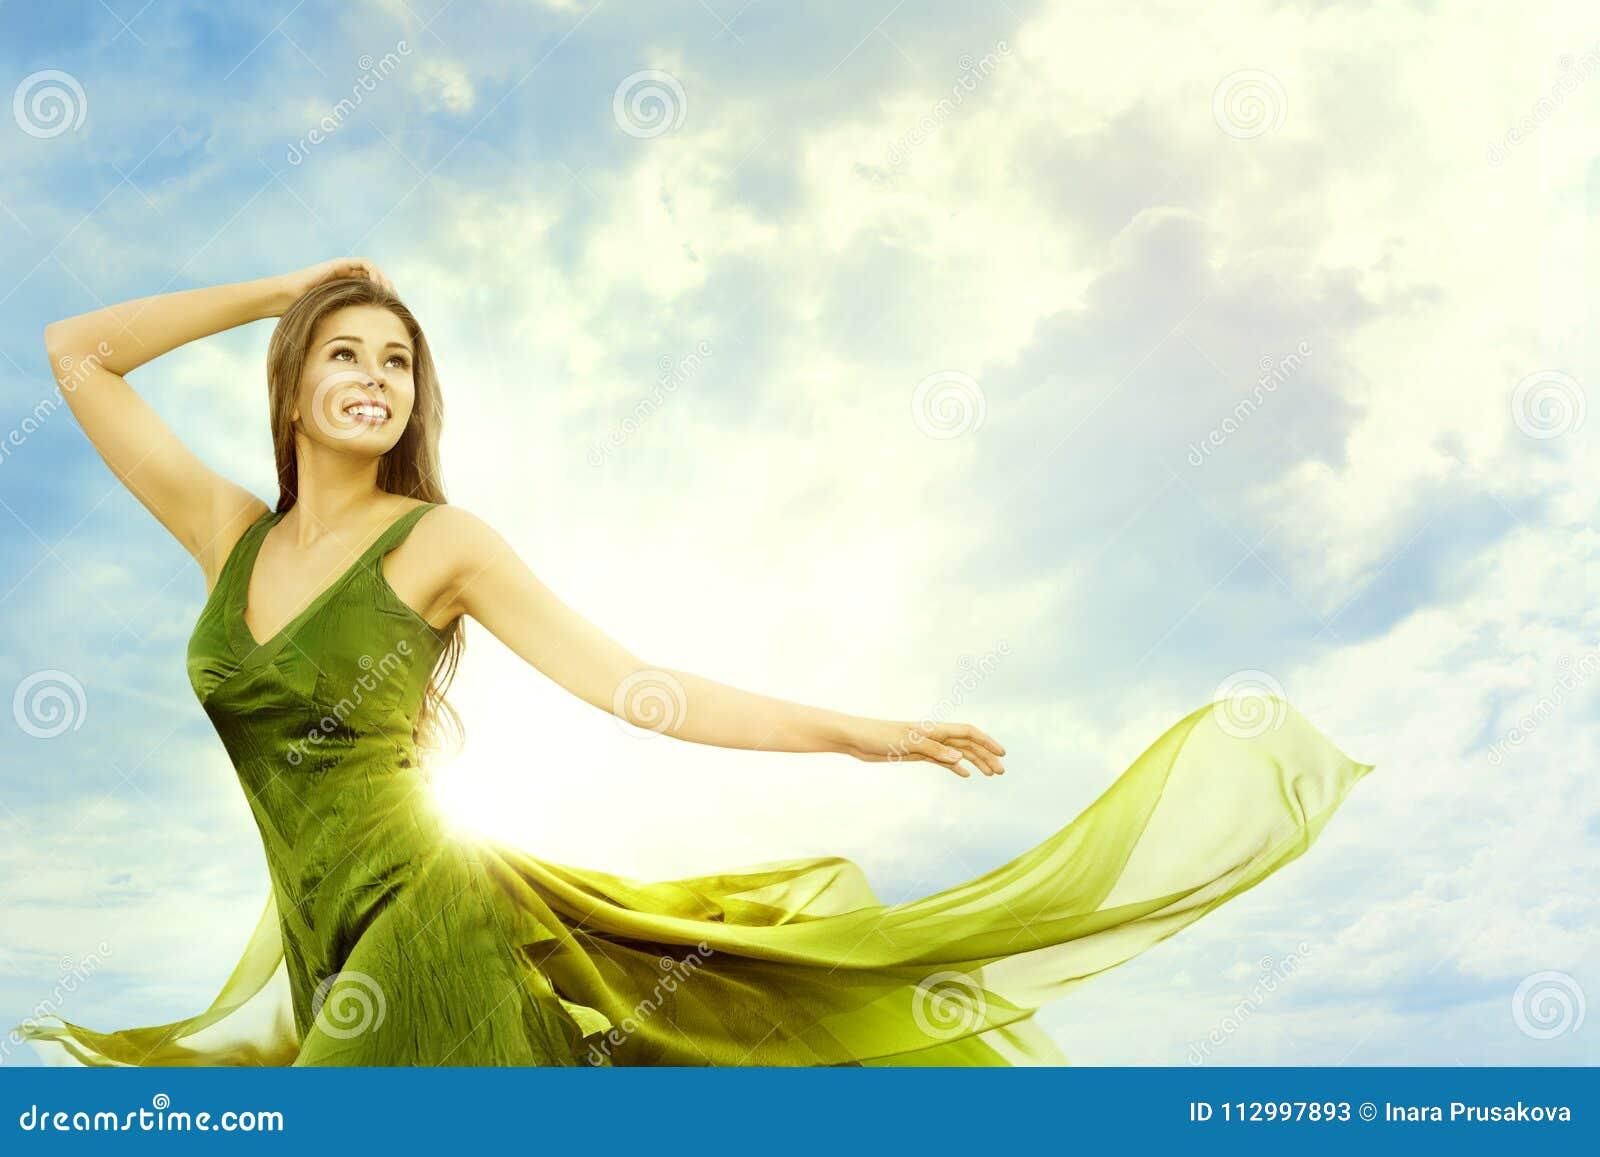 Gelukkige Vrouw over Sunny Day Sky, Mannequin Outdoors Beauty